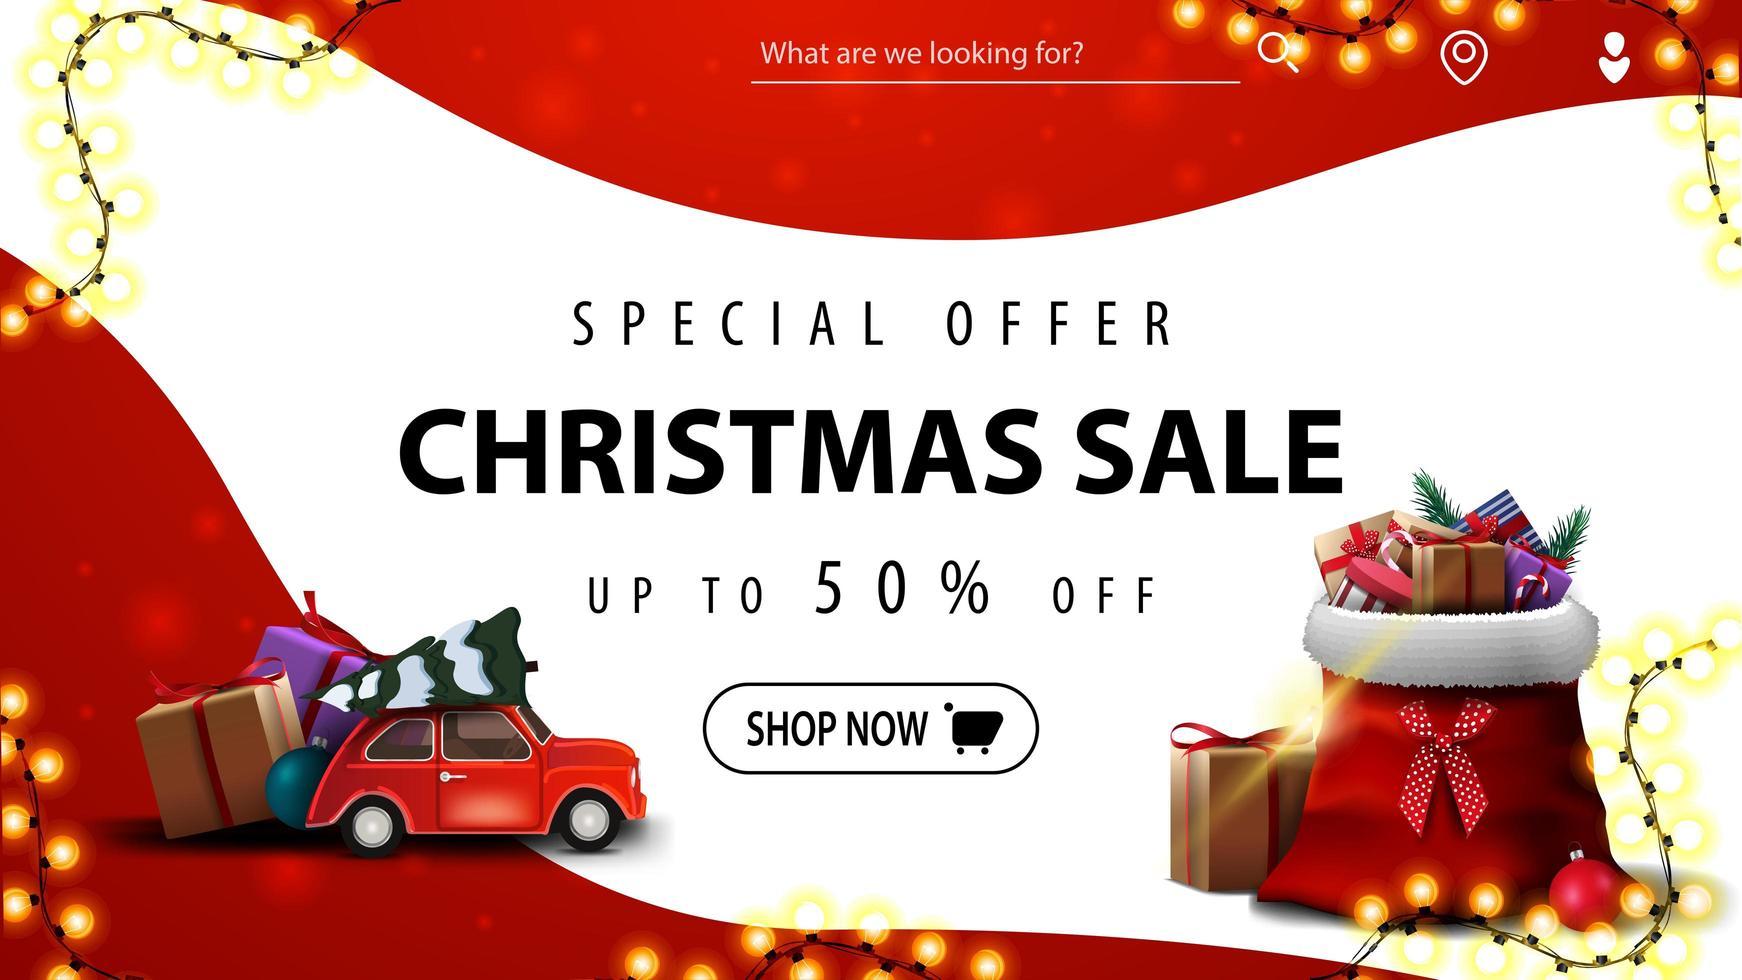 Sonderangebot, Weihnachtsverkauf, bis zu 50 Rabatt, rot-weißes Rabatt-Banner mit glatten Linien, rotes Oldtimer mit Weihnachtsbaum und Weihnachtsmann-Tasche mit Geschenken vektor